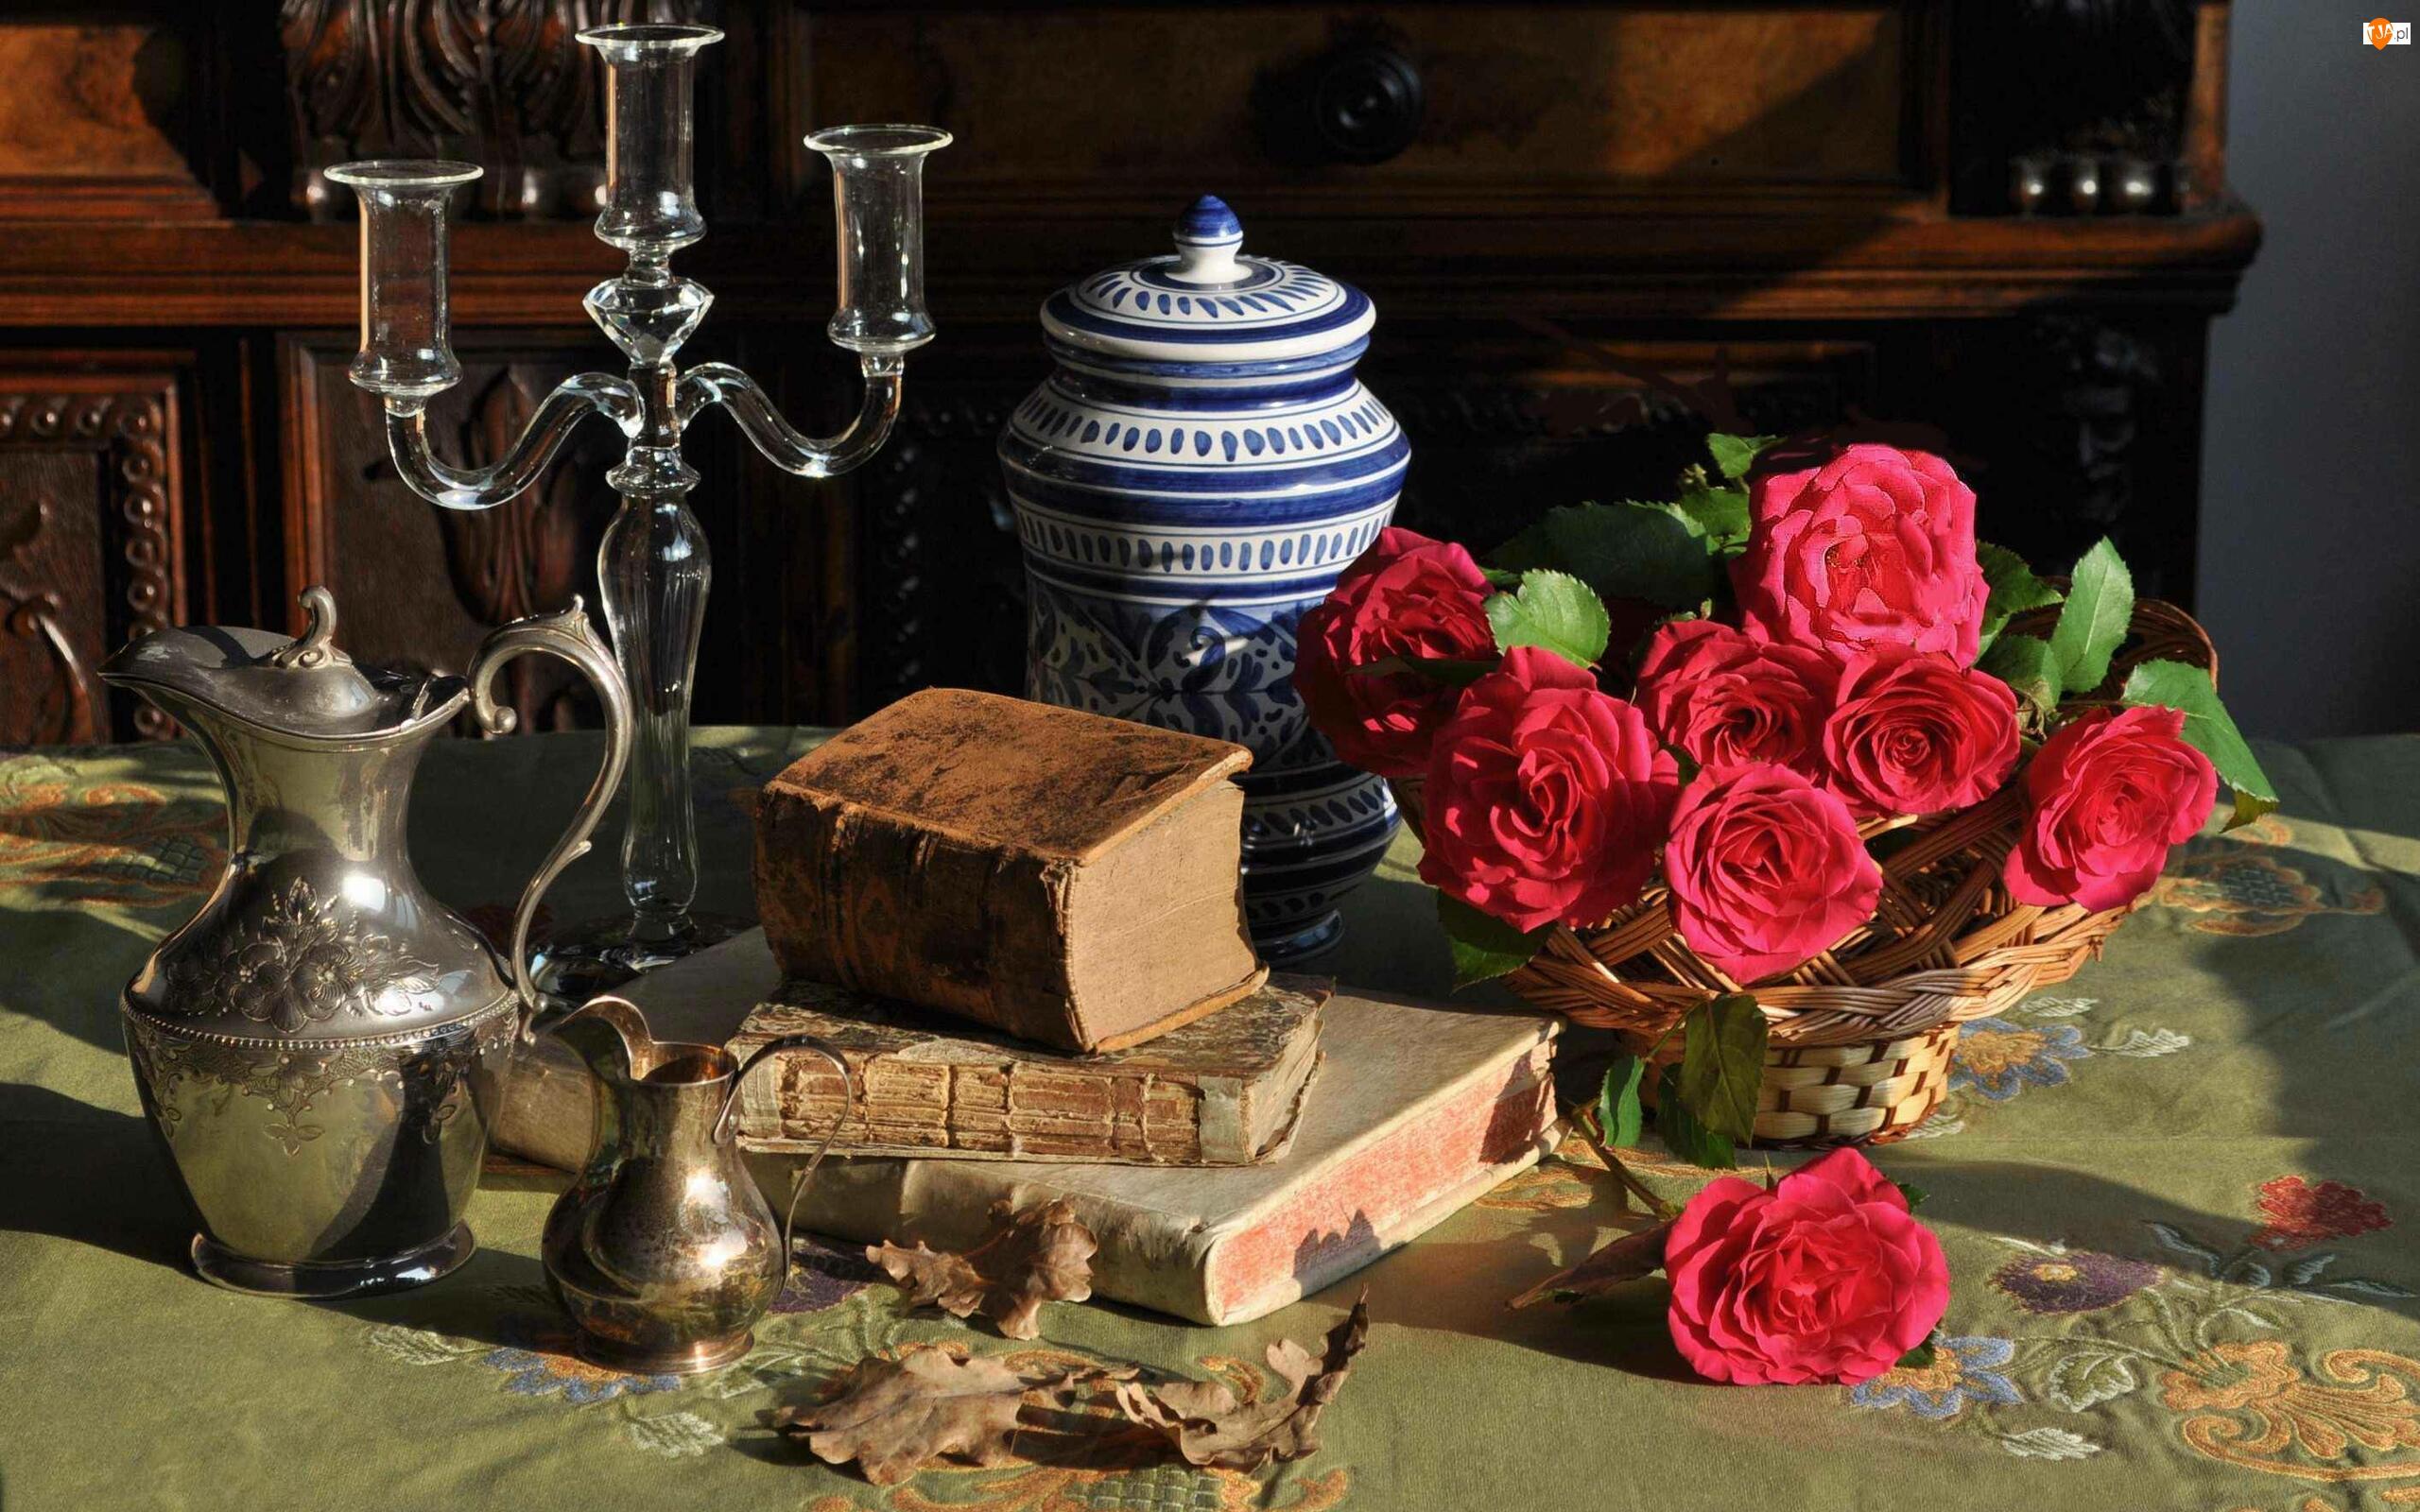 Róże, Koszyczek, Kompozycja, Czerwone, Dzban, Świecznik, Książki